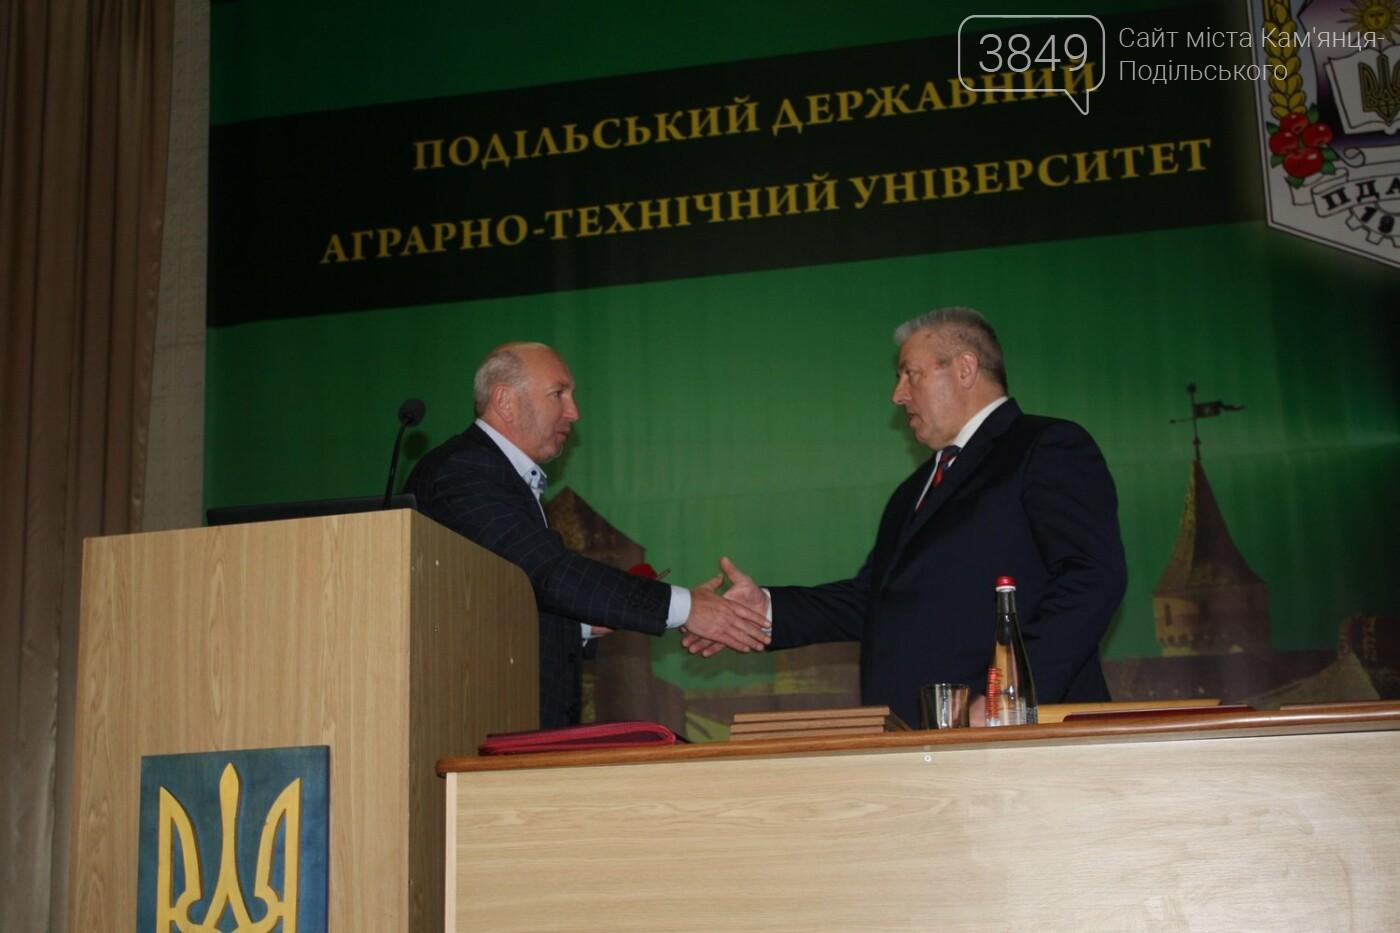 Подільський державний аграрно-технічний університет отримав нагороду «Золотий символ якості національних товарів та послуг», фото-5